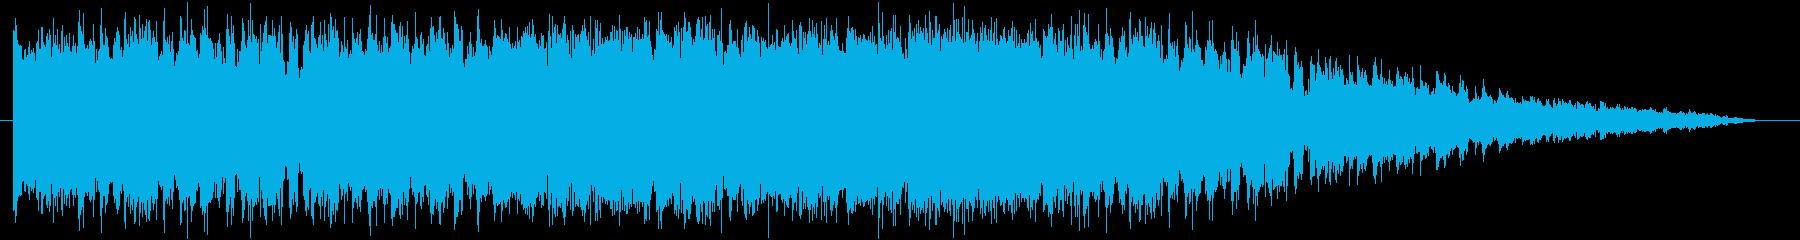 ちょいワルをイメージしたロックンロールの再生済みの波形